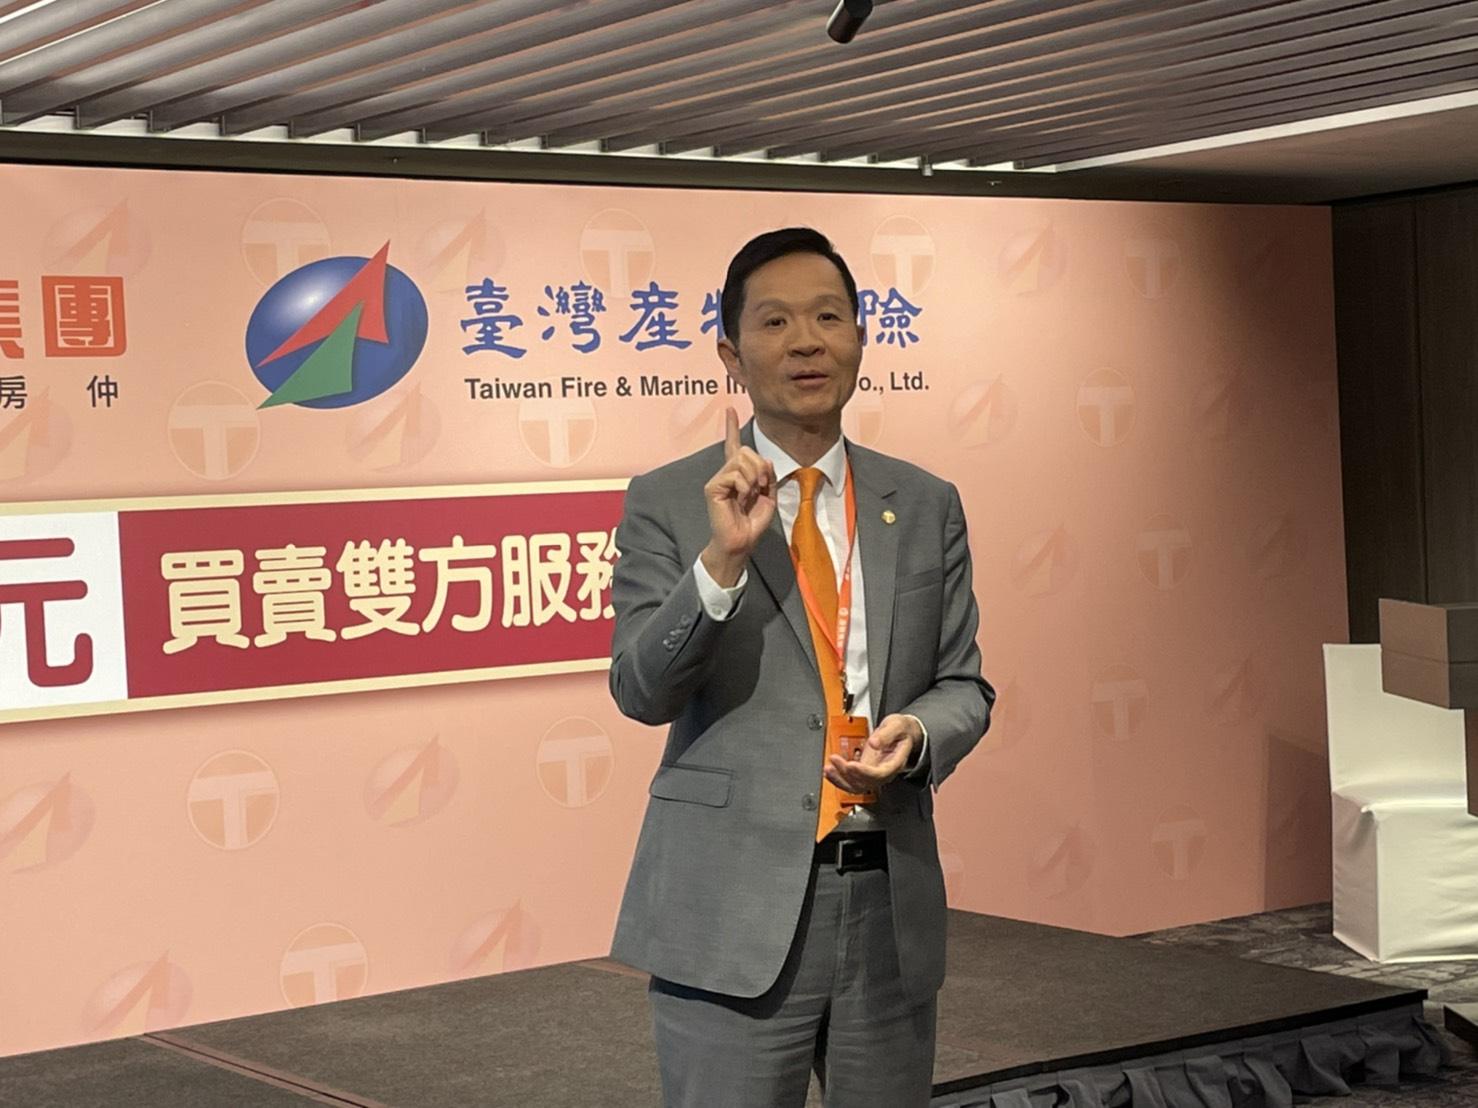 台灣房屋集團總裁彭培業為保障消費者權益,推出全台首個「不動產經紀業專業責任保險」